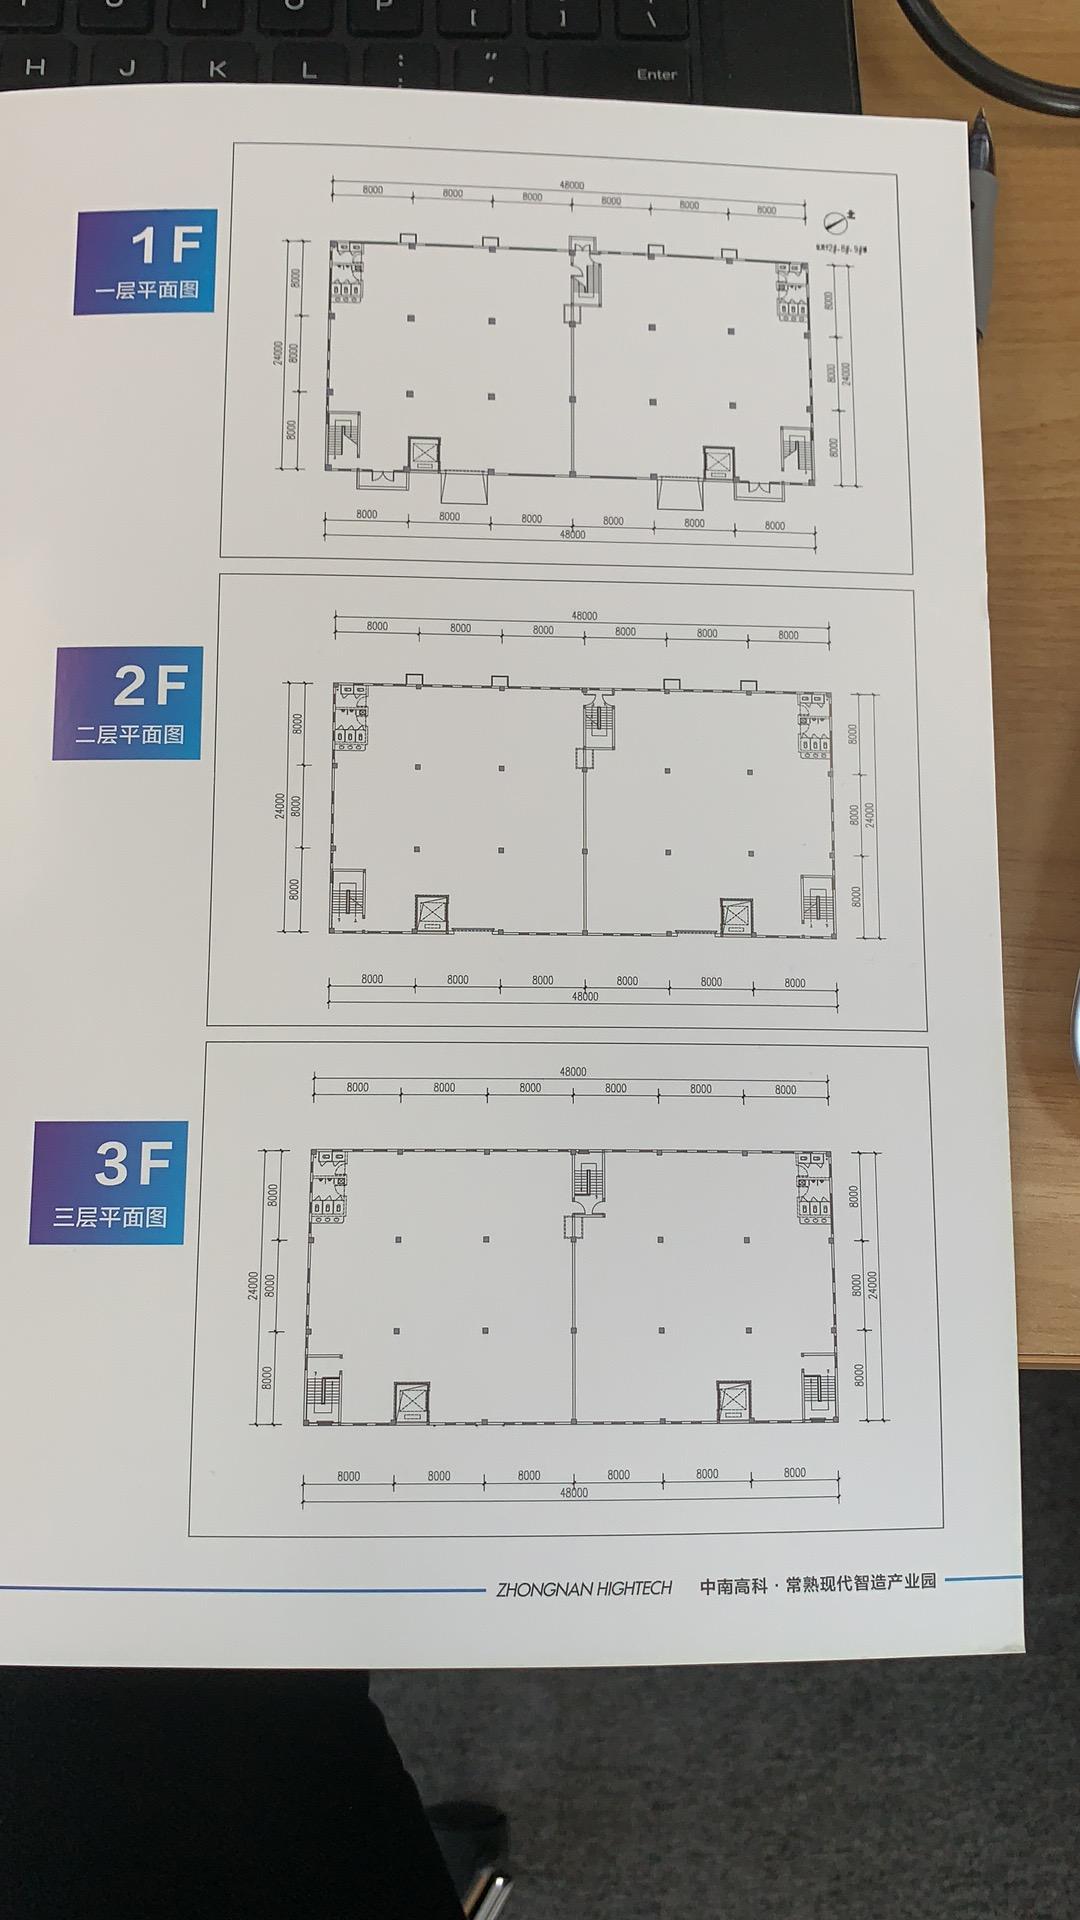 11号楼平面图.jpg